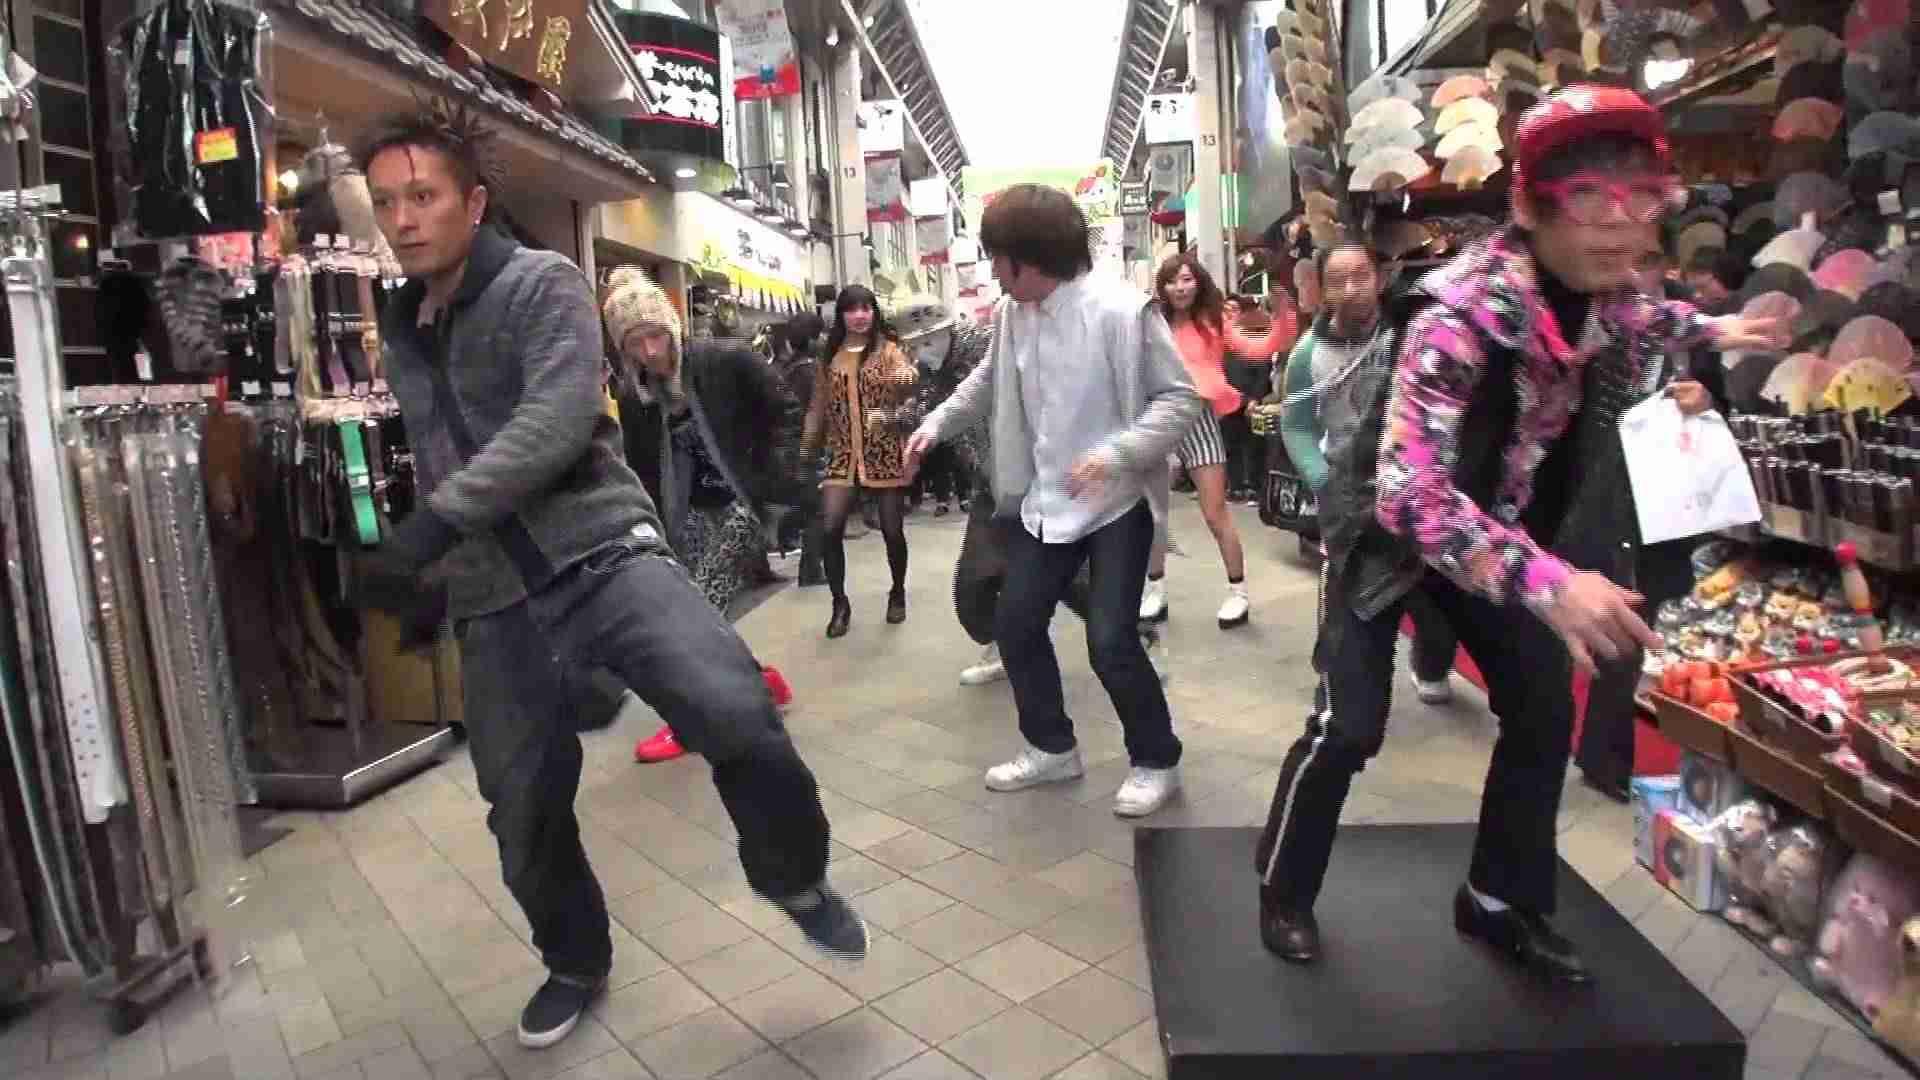 総勢230名によるTRFダンササイズ!浅草商店街編《フラッシュモブ動画》 - YouTube